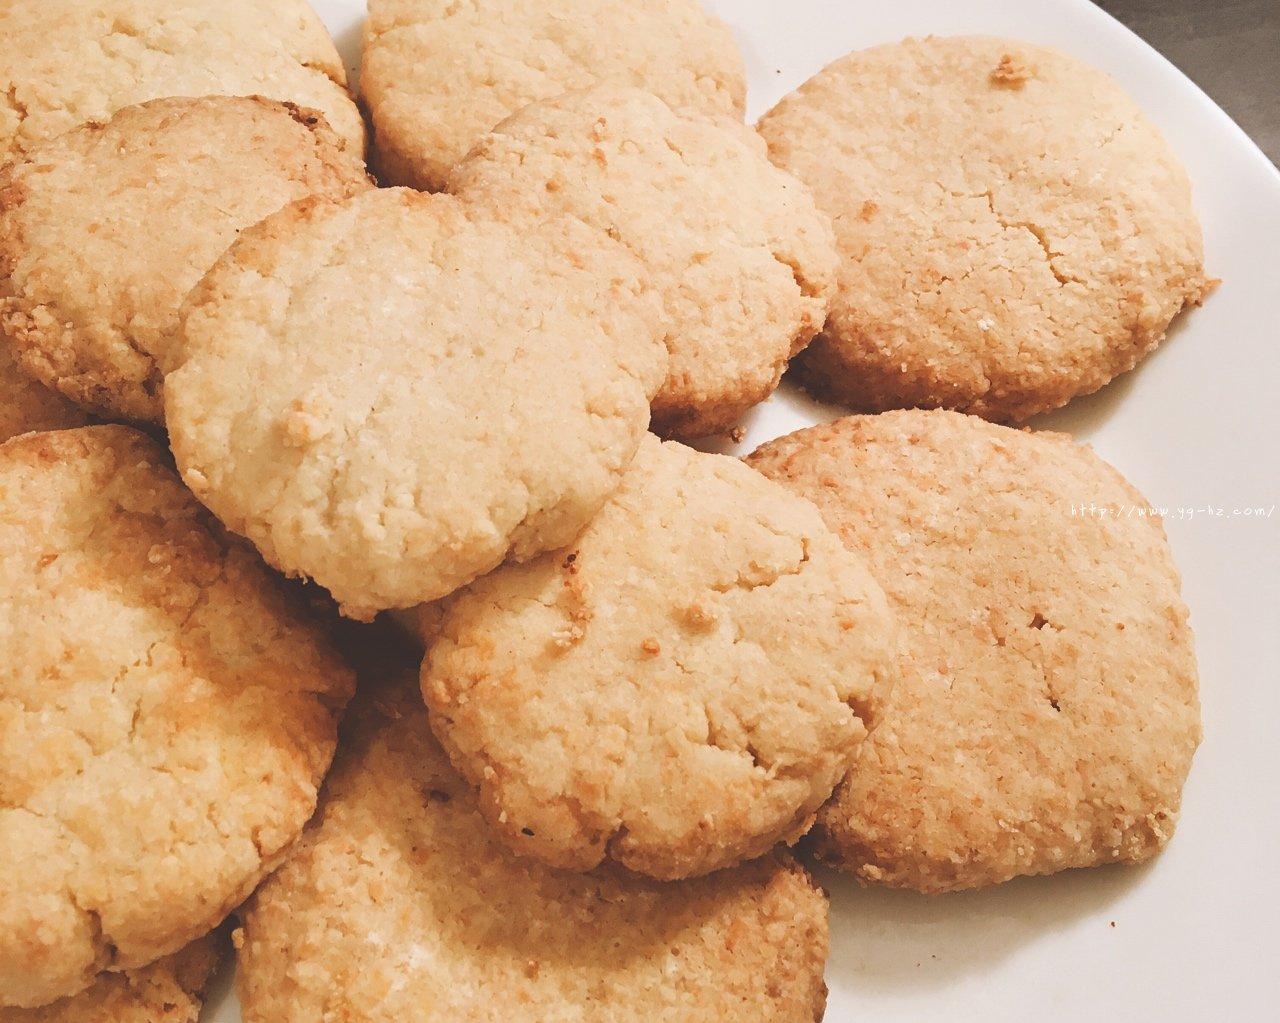 超酥的椰子油版椰蓉曲奇饼干的做法